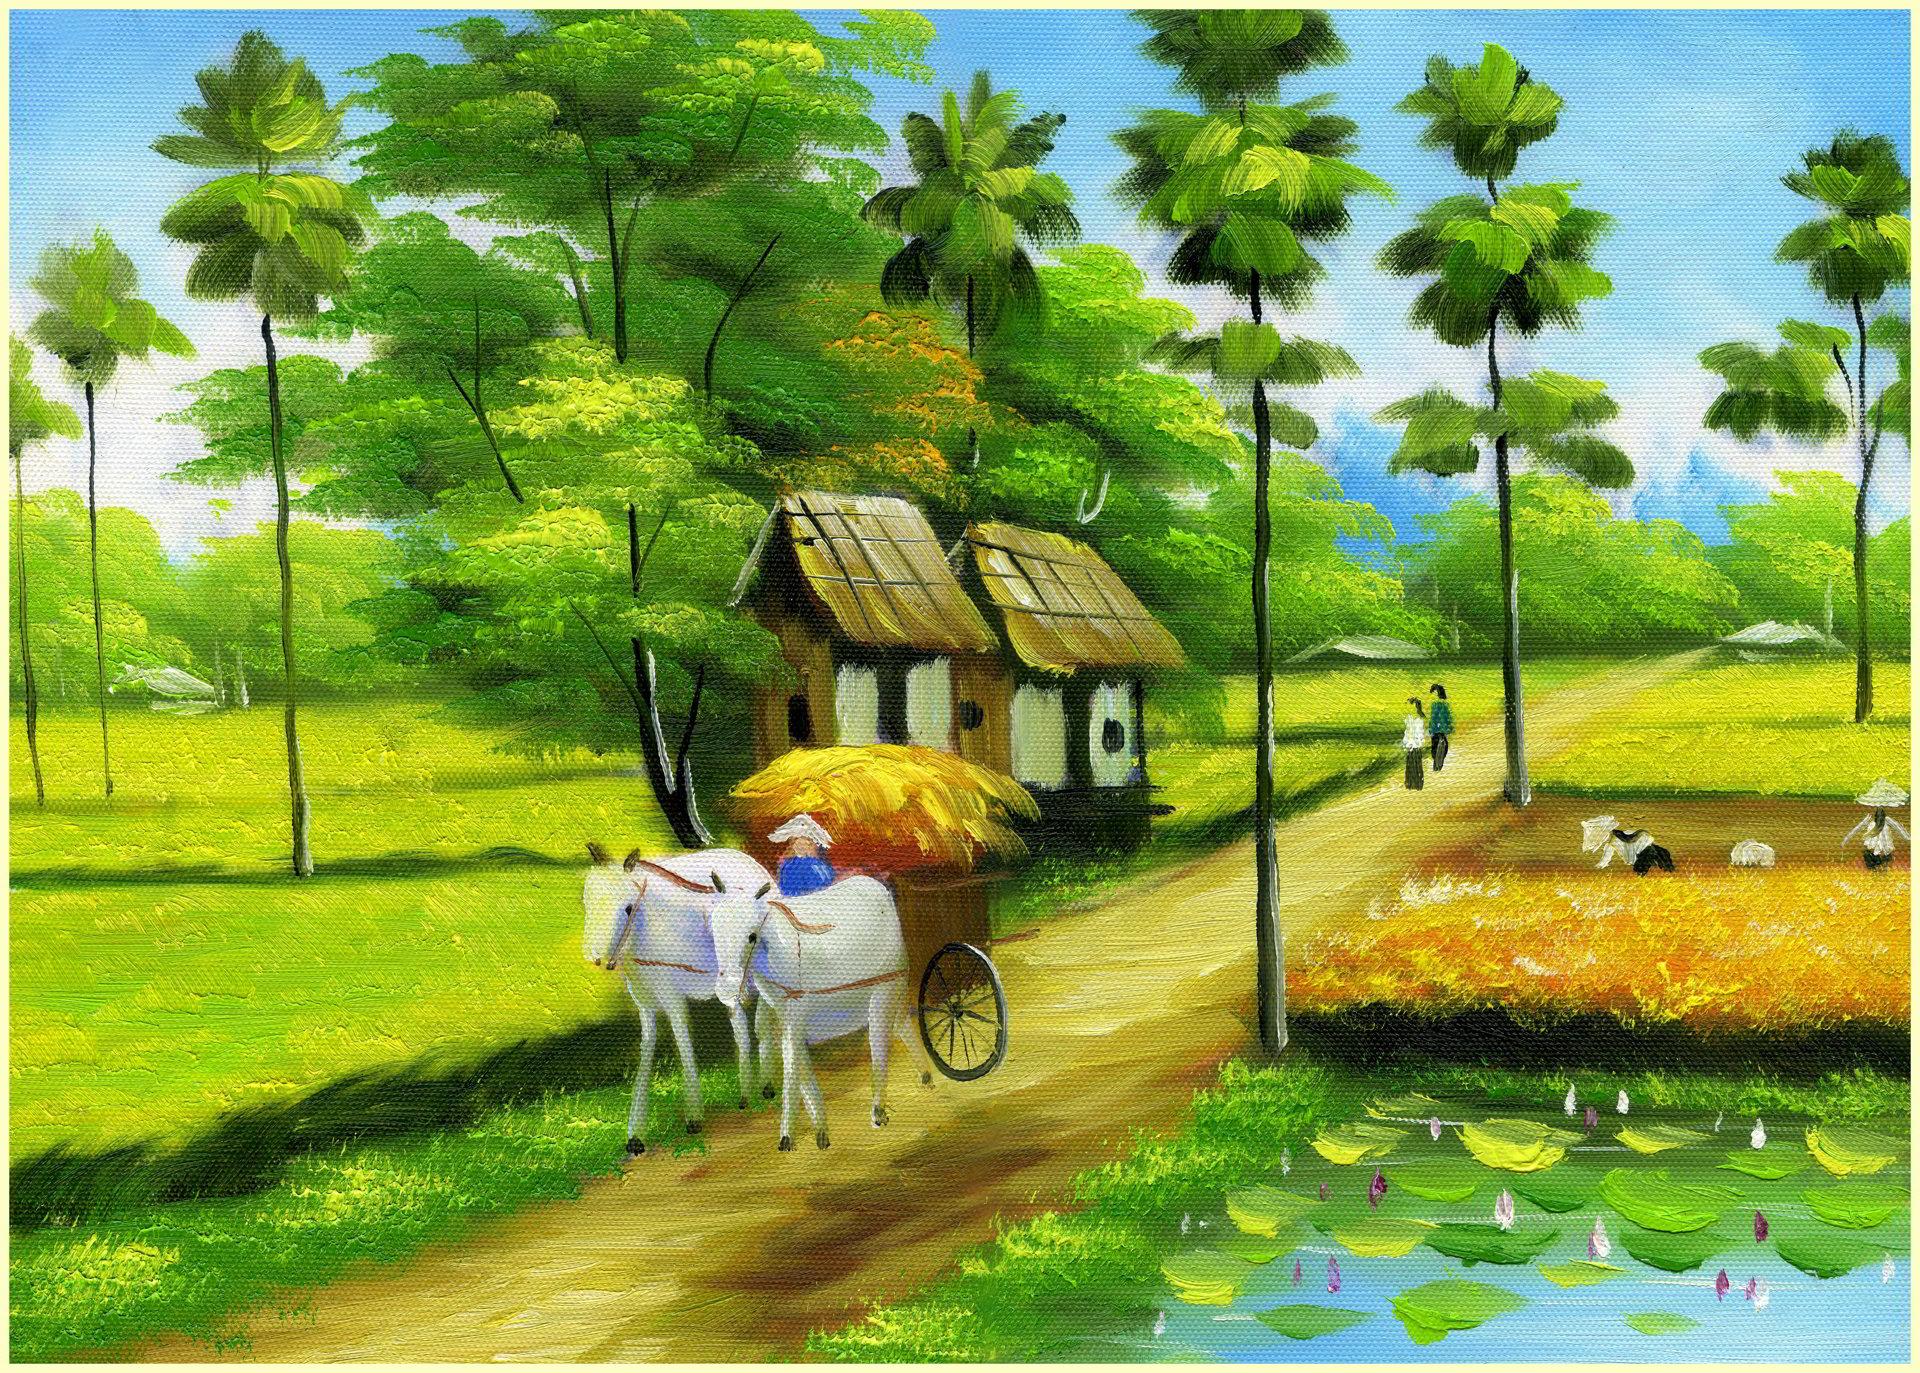 Tải ảnh làng quê đẹp nhất